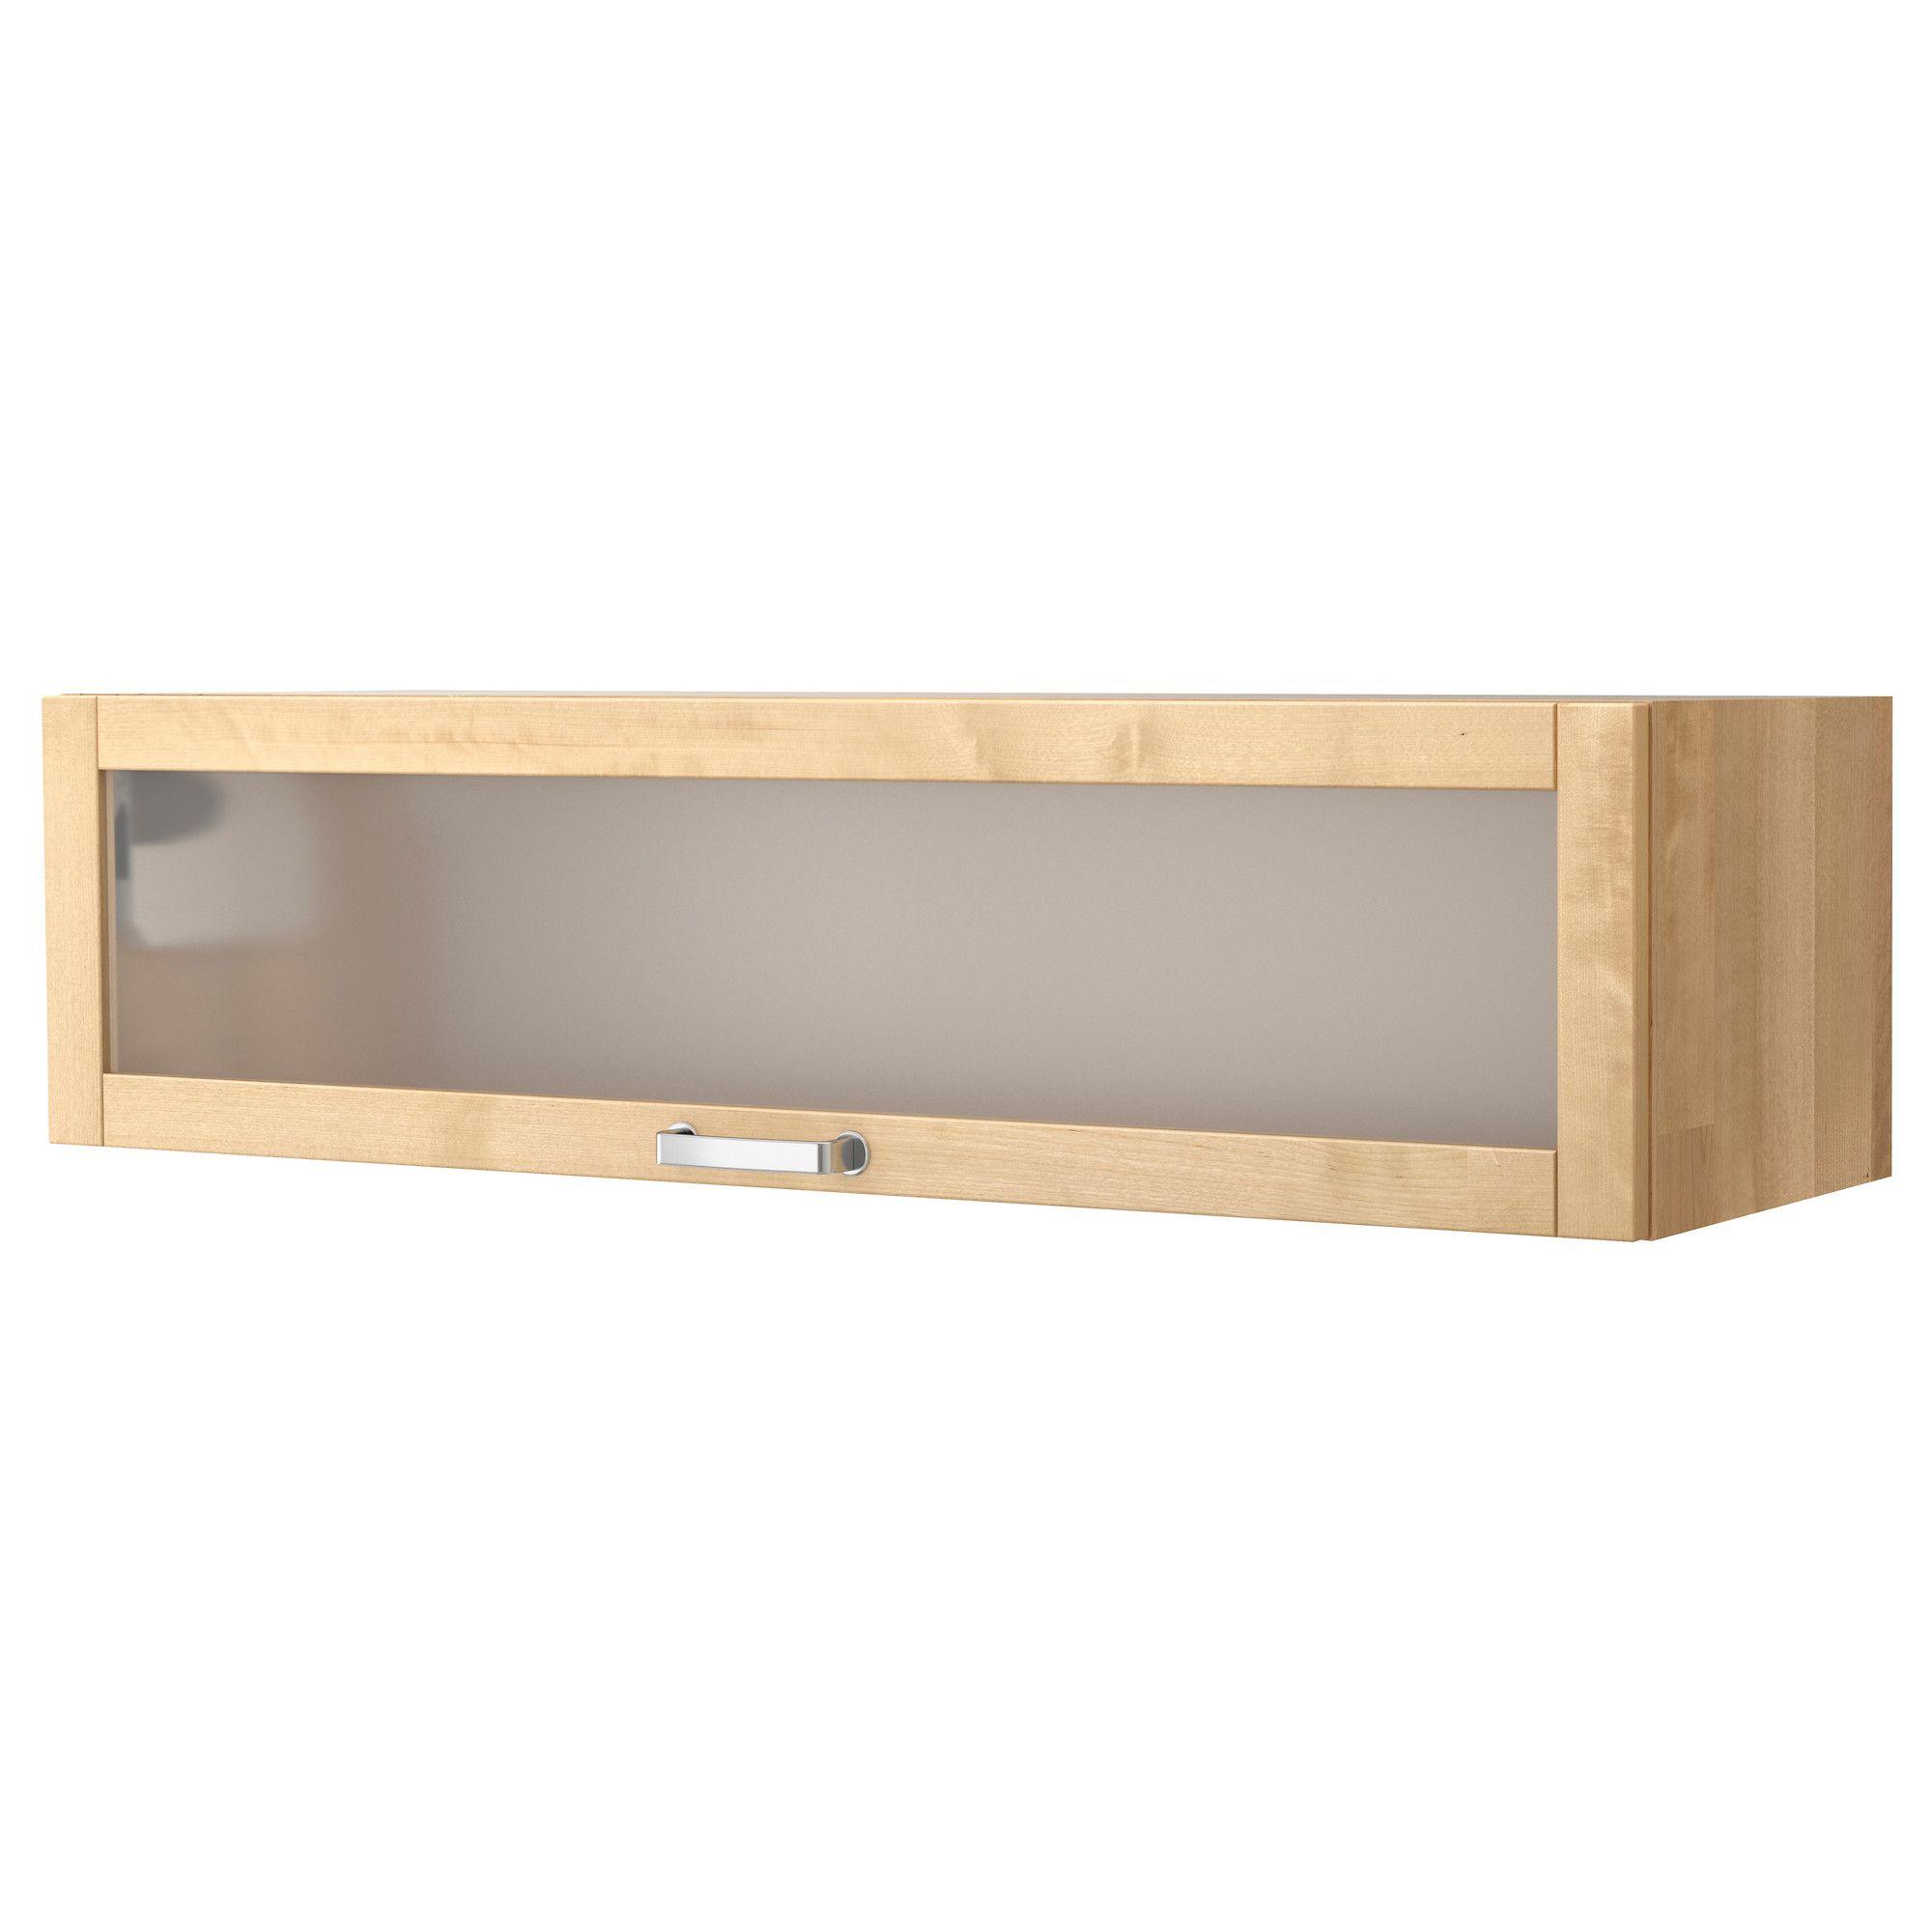 V Rde Glass Door Wall Cabinet Birch Ikea Home Bits  # Meuble Angle Varde Ikea